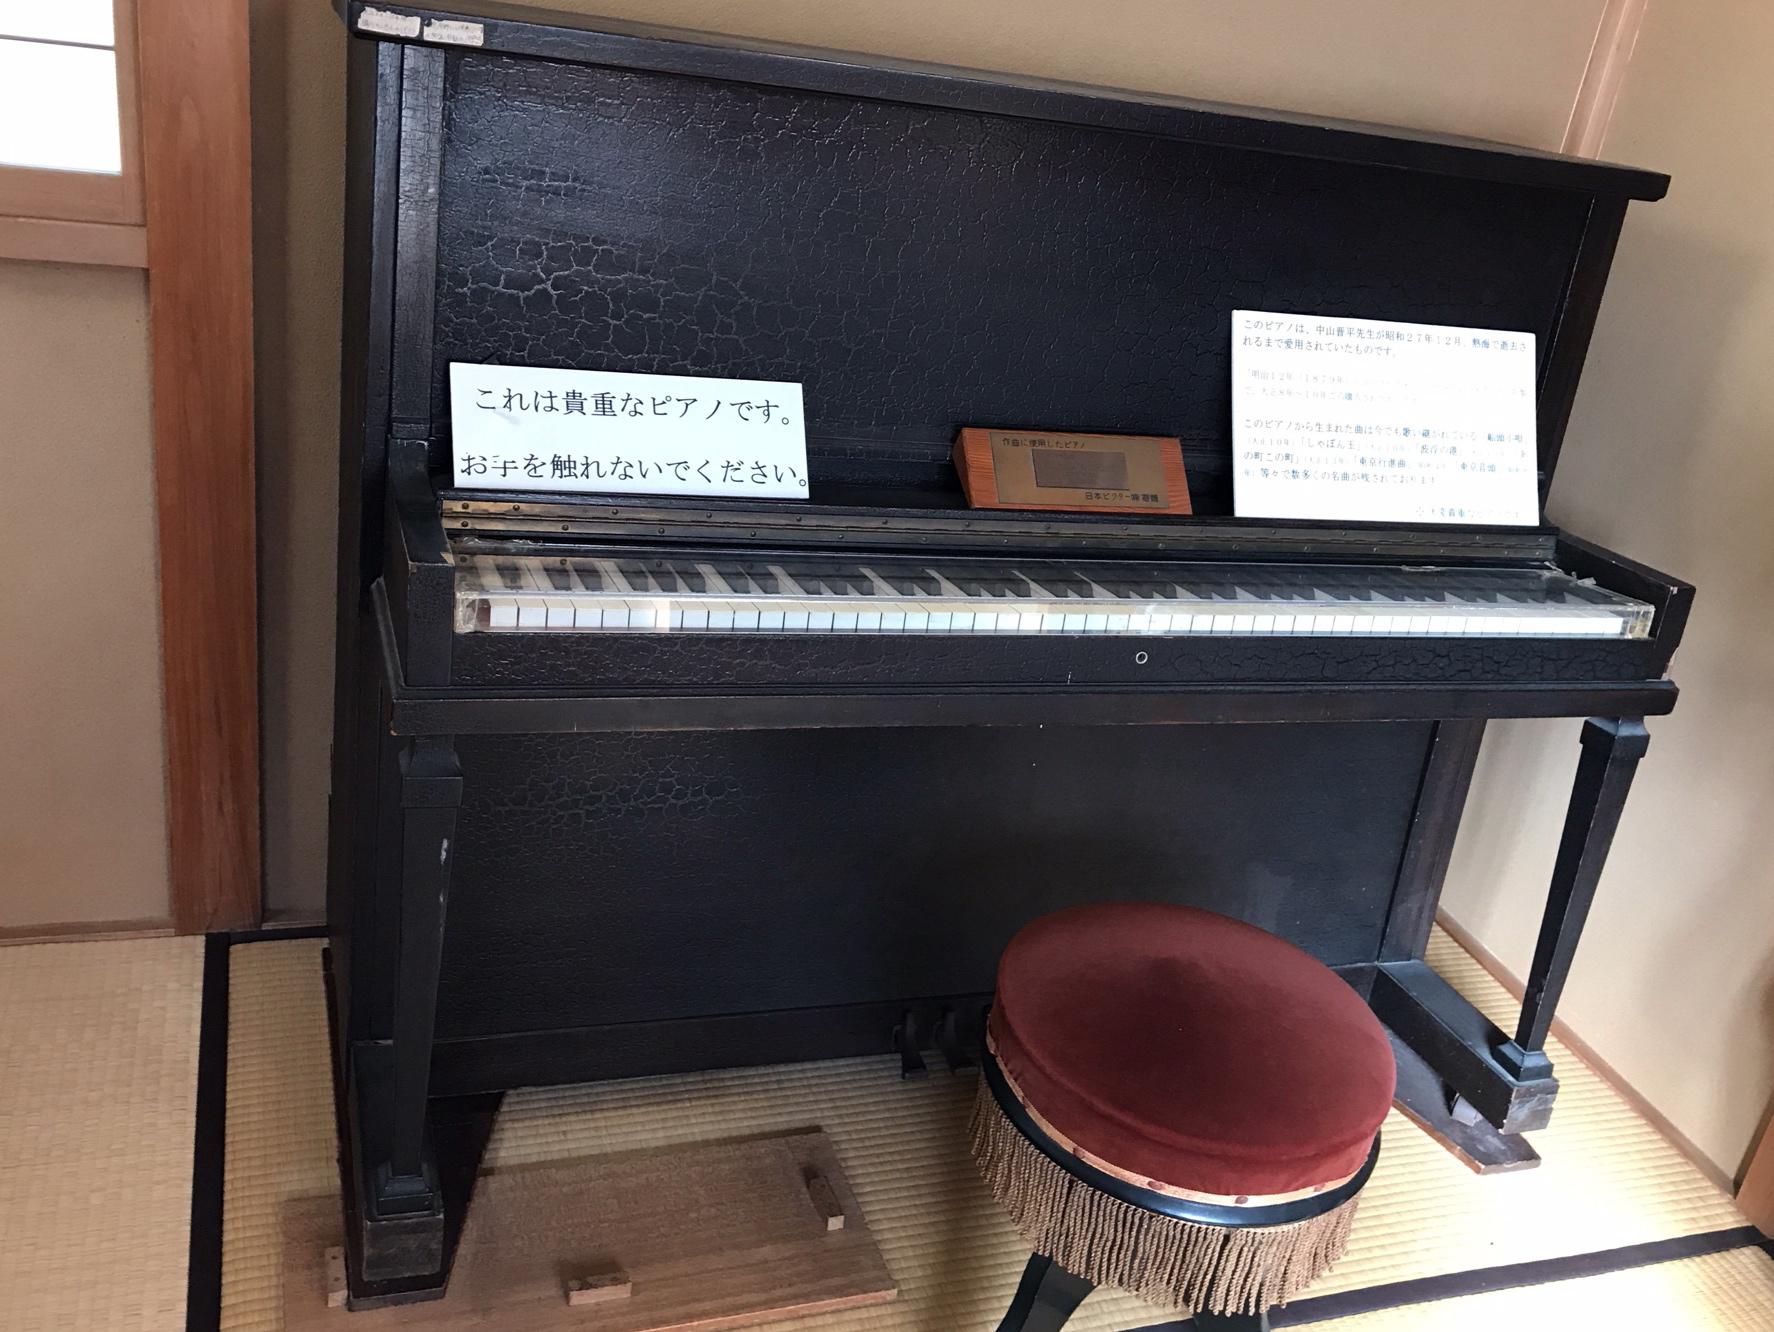 中山晋平ピアノ